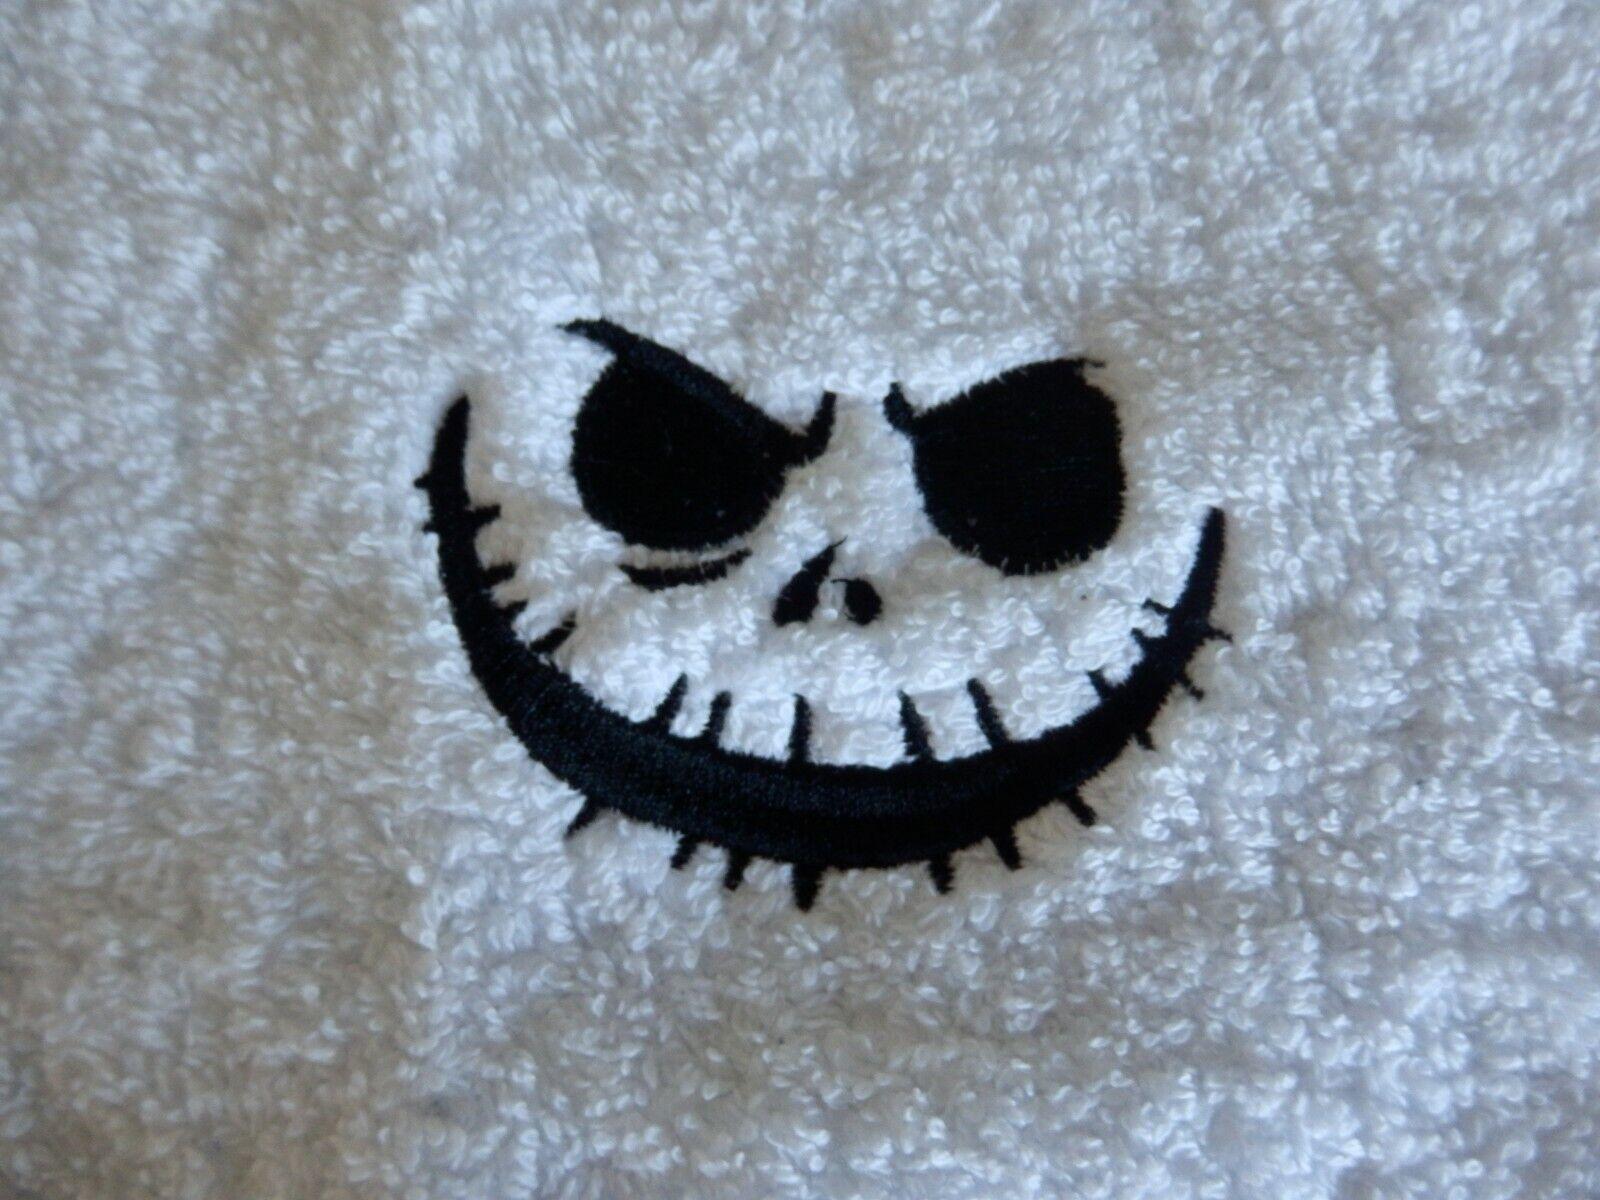 Nightmare Before Christmas Personalisiert Handtuch,Bade Robe Or Kapuzen Handtuch   | Sonderaktionen zum Jahresende